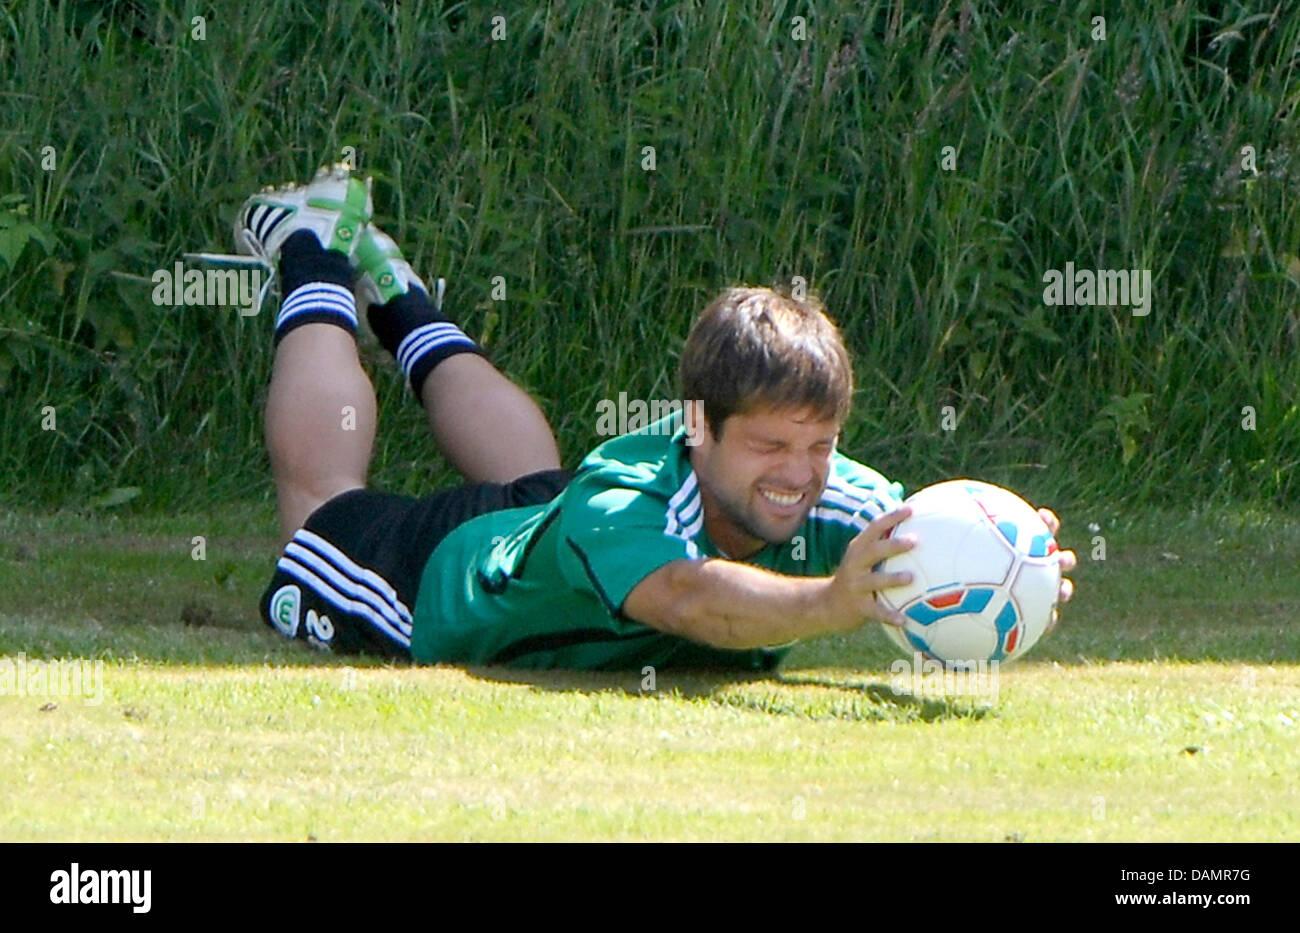 De Wolfsburg Diego est titulaire d'une bille dans un circuit d'entraînement au cours de la Bundesliga Photo Stock